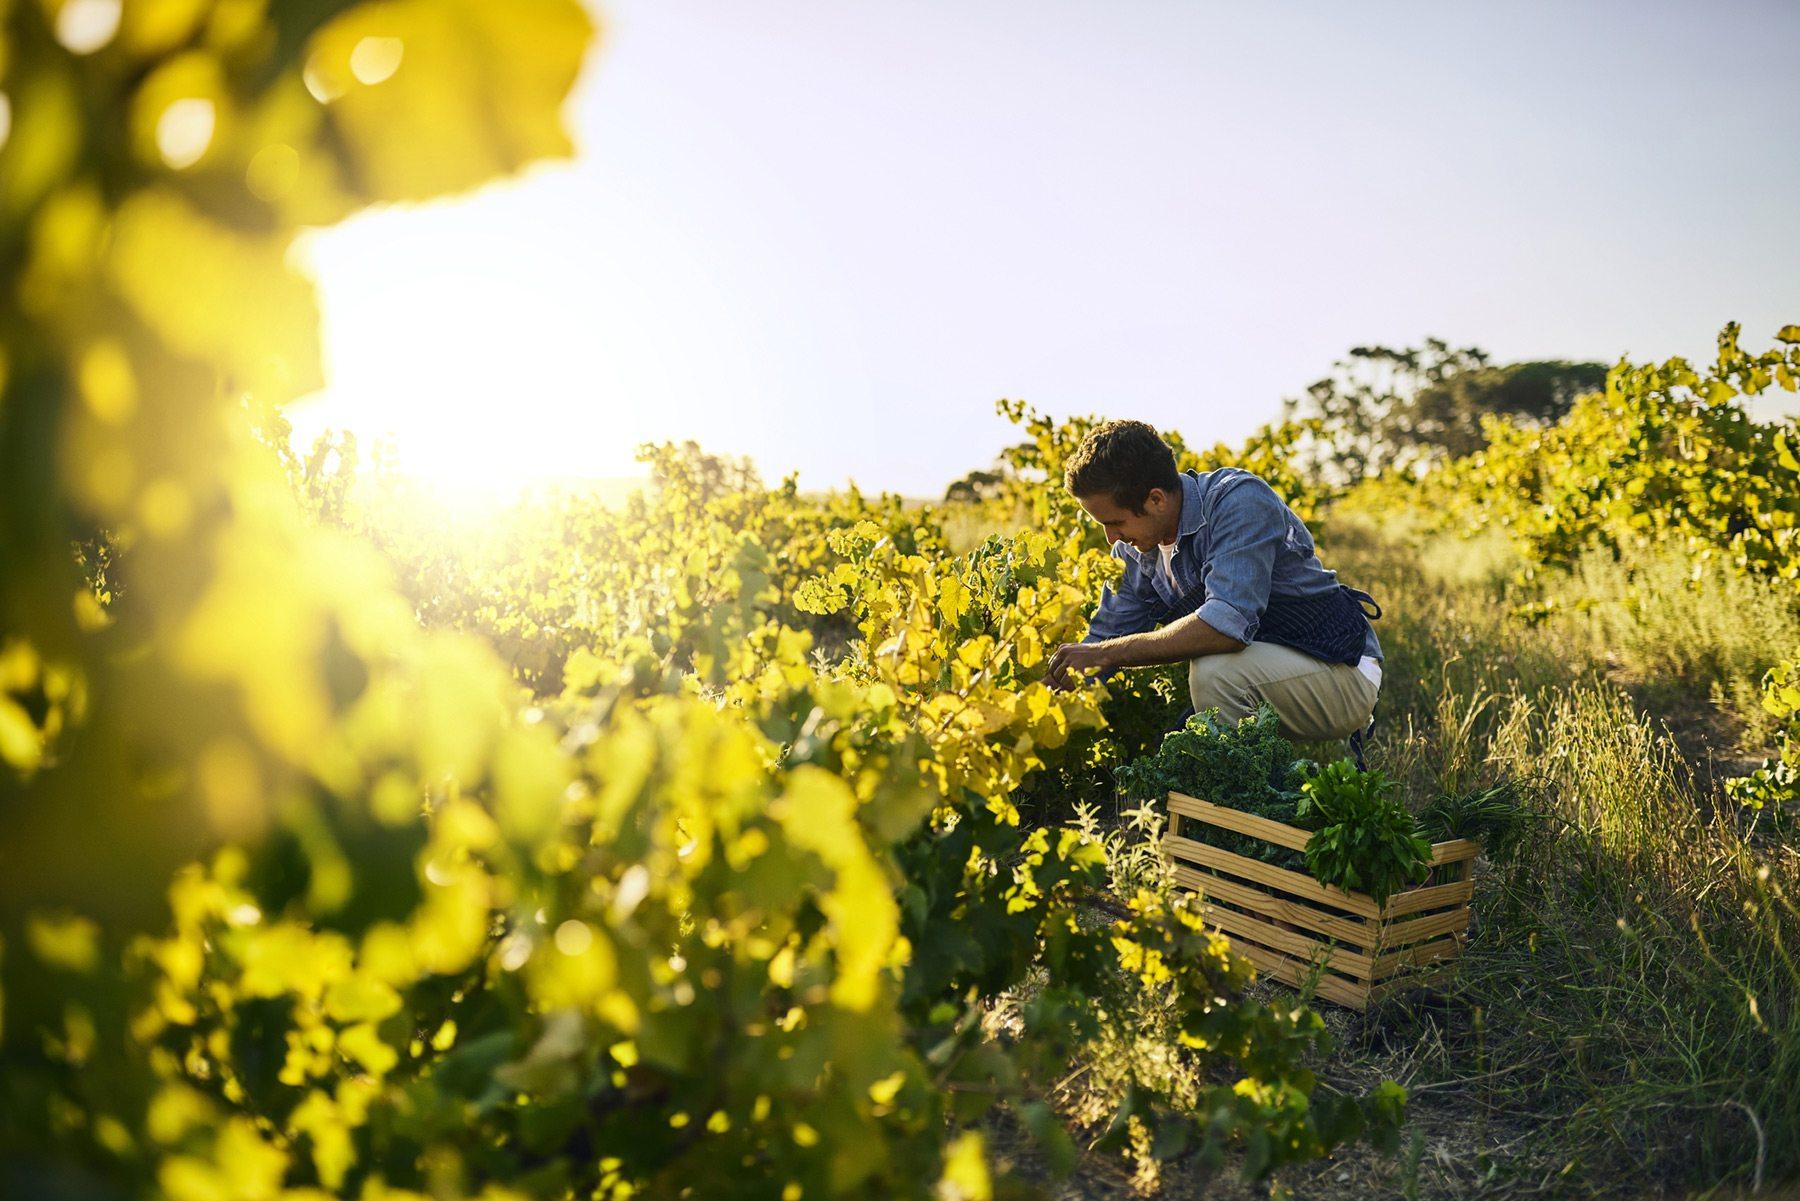 Jeune Agriculteur récoltant son panier dans un champs ensoleillé